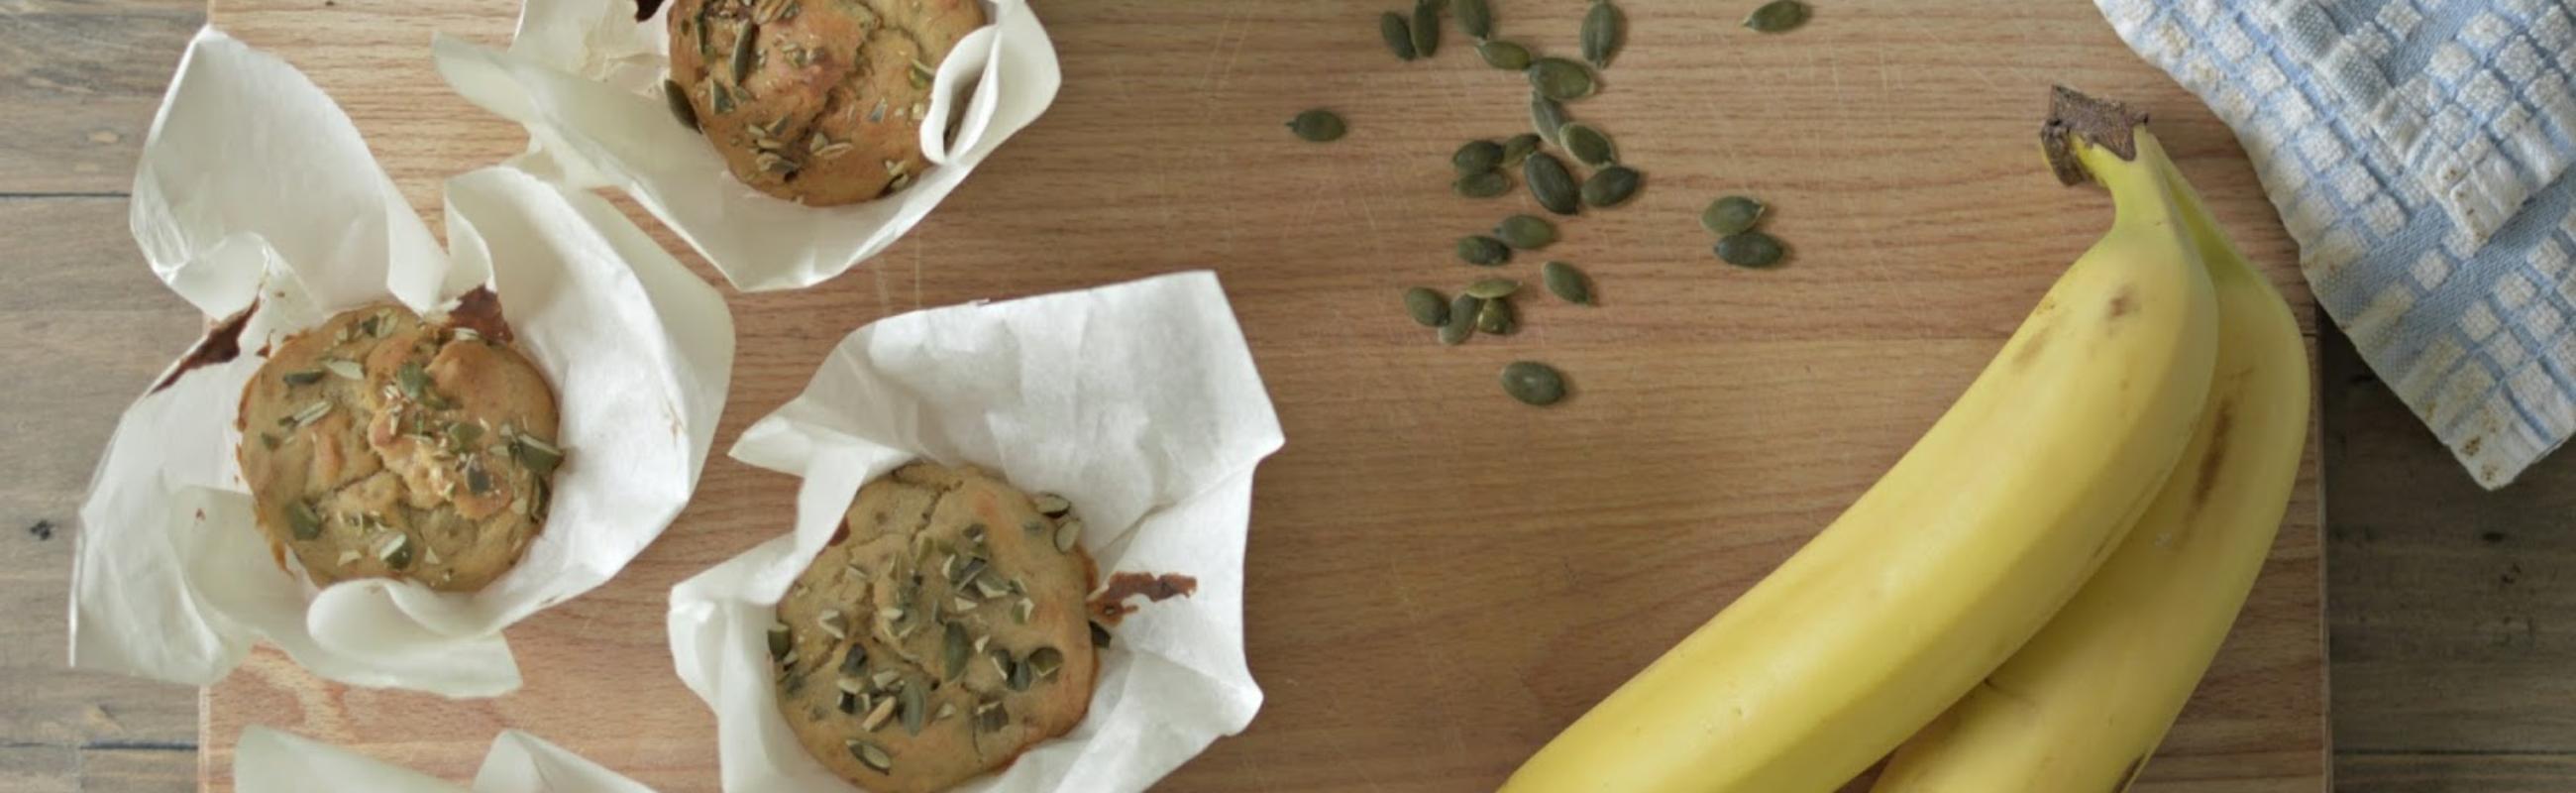 banana & date muffin